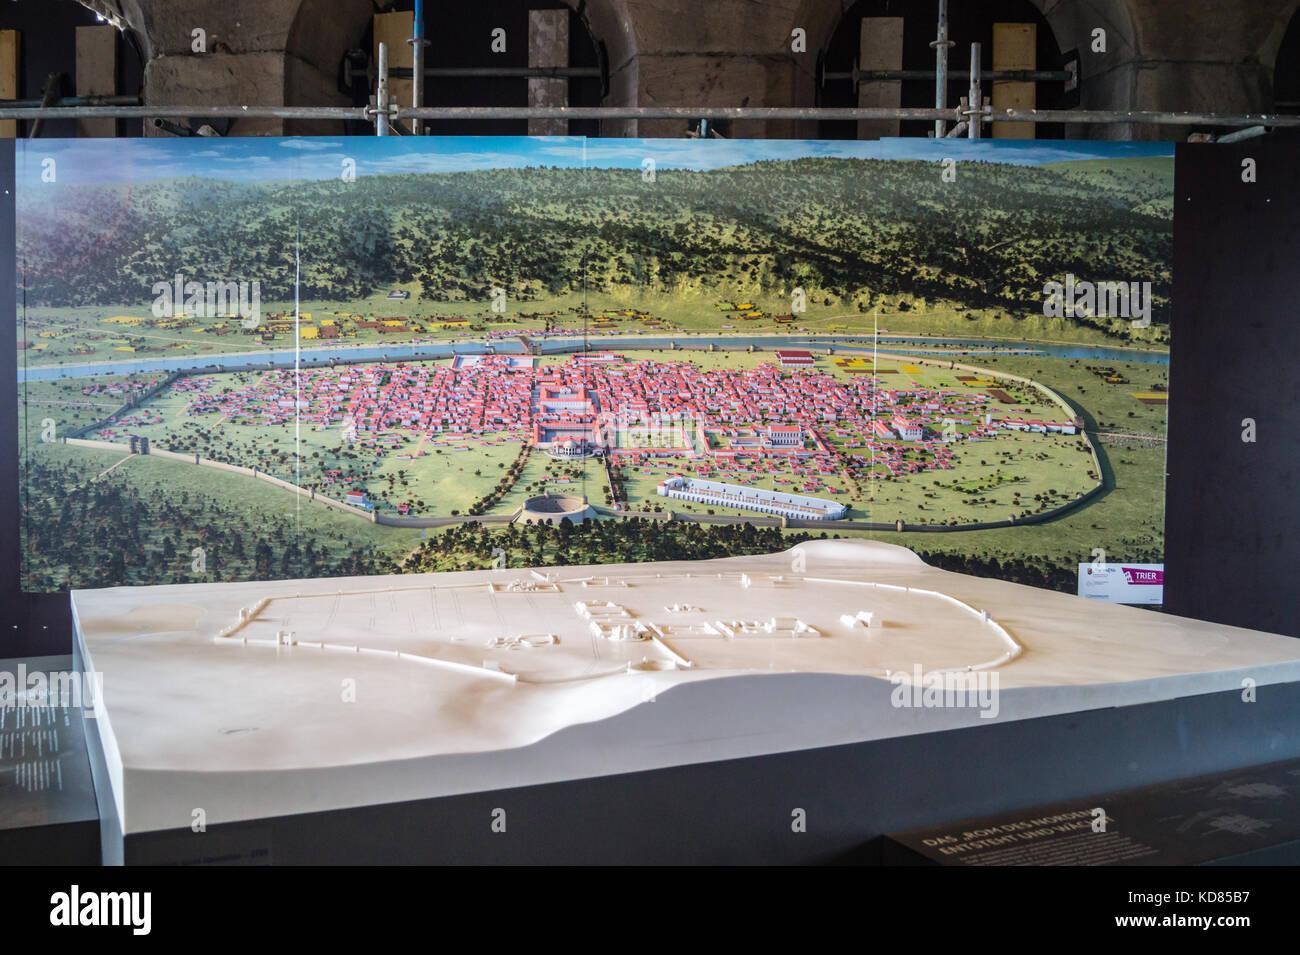 Modell des Römischen Trier mit einem Panoramablick auf die Malerei, die Porta Nigra, das römische Stadttor, Stockbild